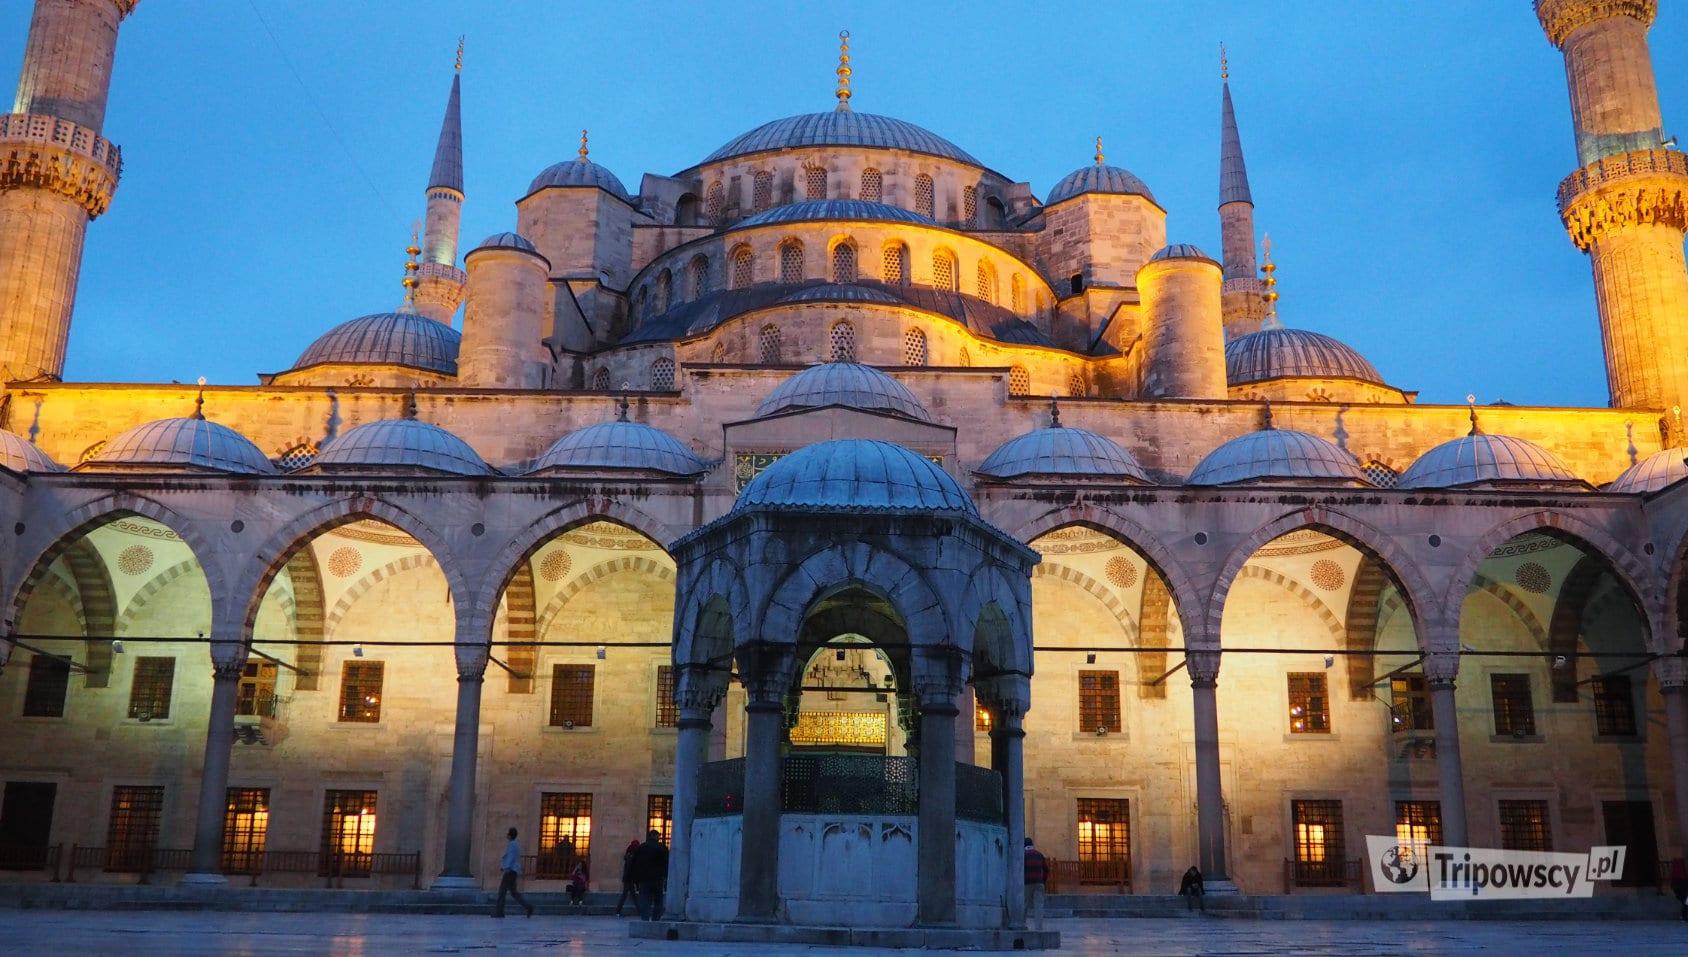 Błękitny Meczet (Blue Mosque) w Stambule